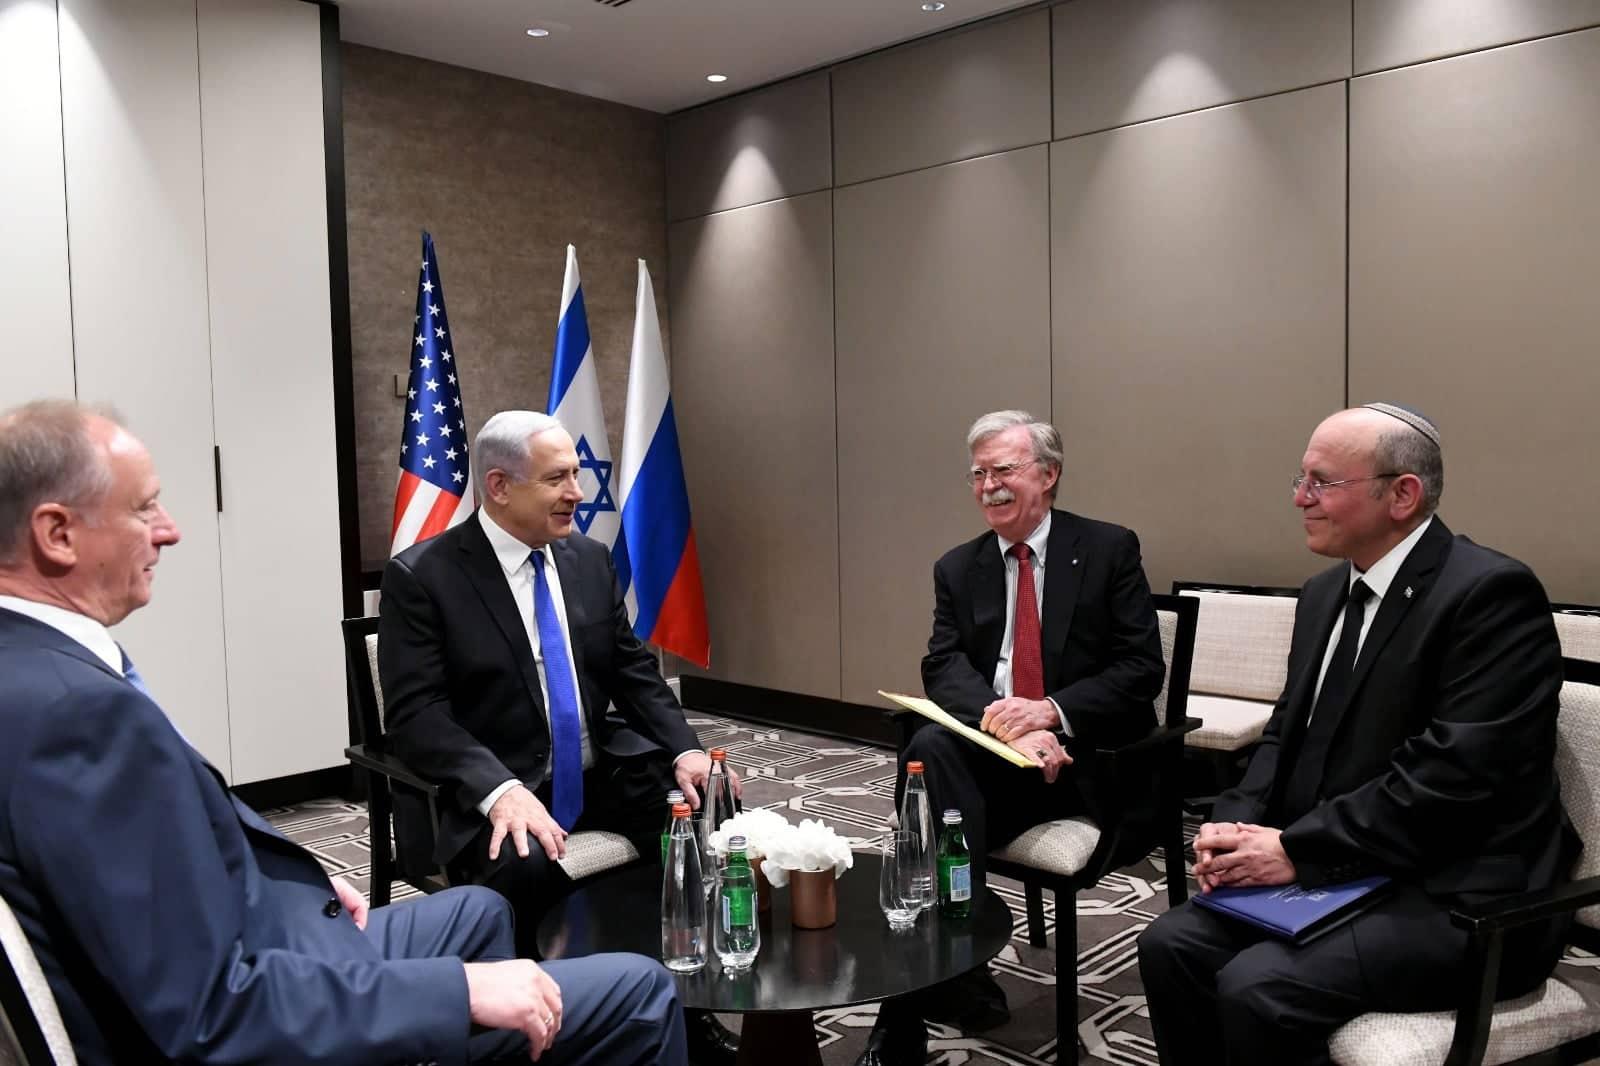 https://edromos.gr/wp-content/uploads/2019/07/netanyahu-bolton-putin.jpg